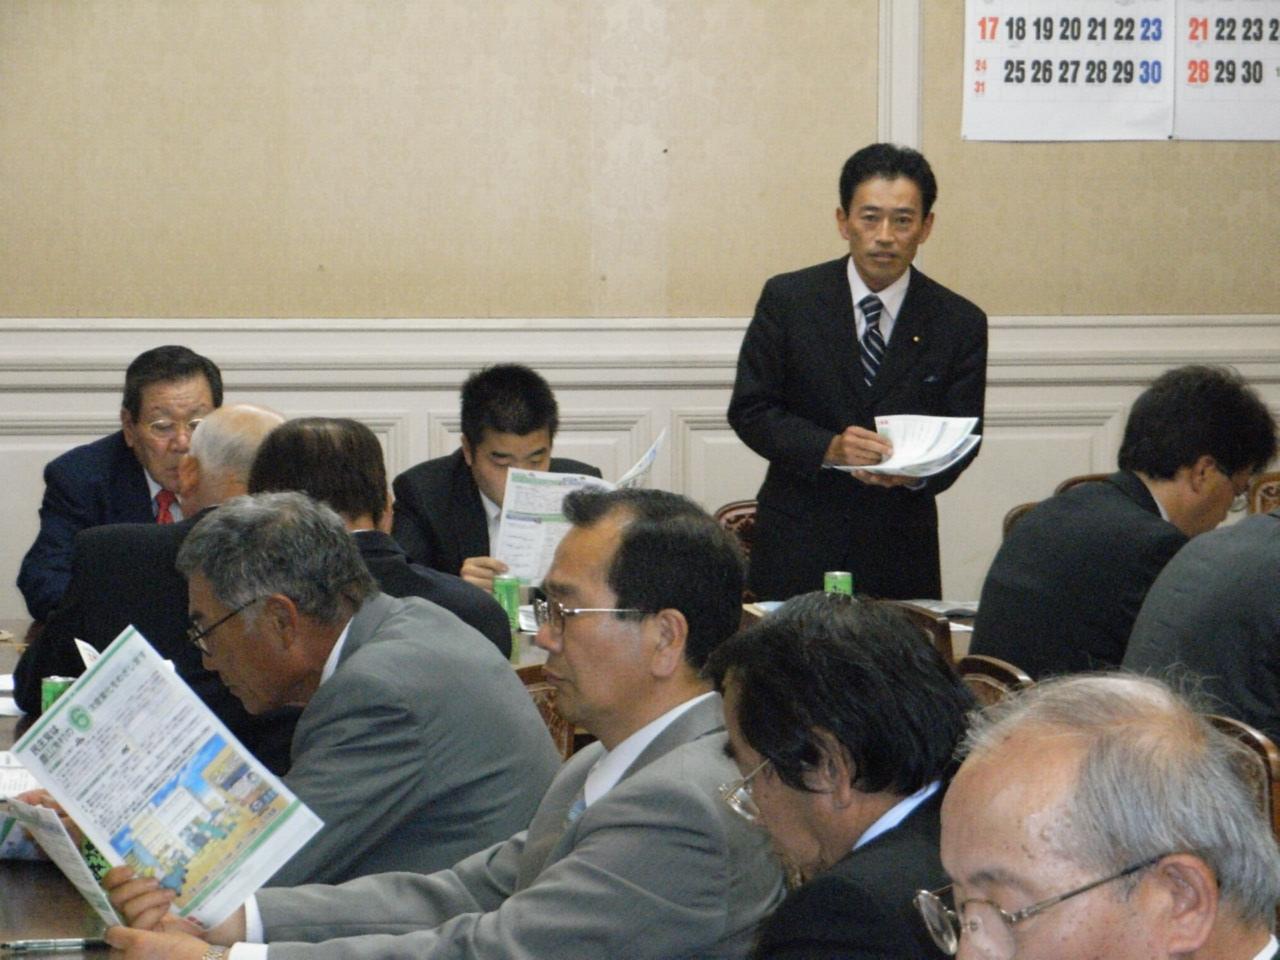 滋賀県農業委員会代表者との意見交換